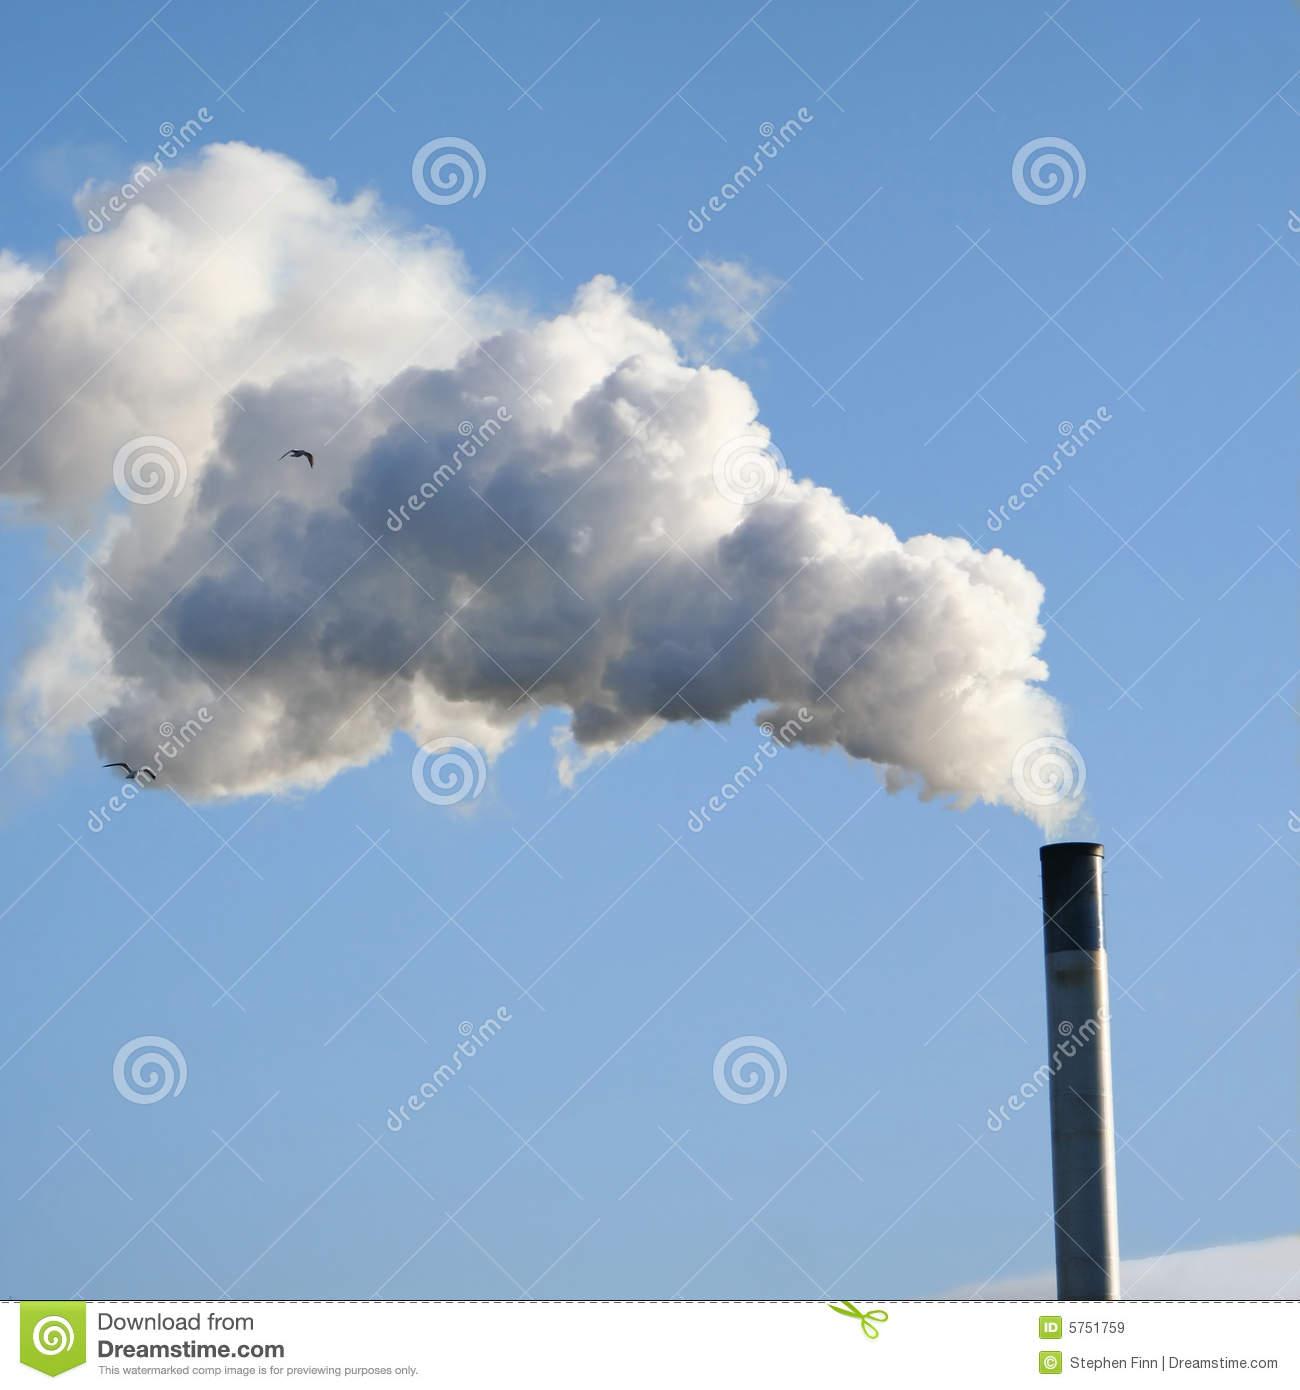 Chimney Smoke Clipart.